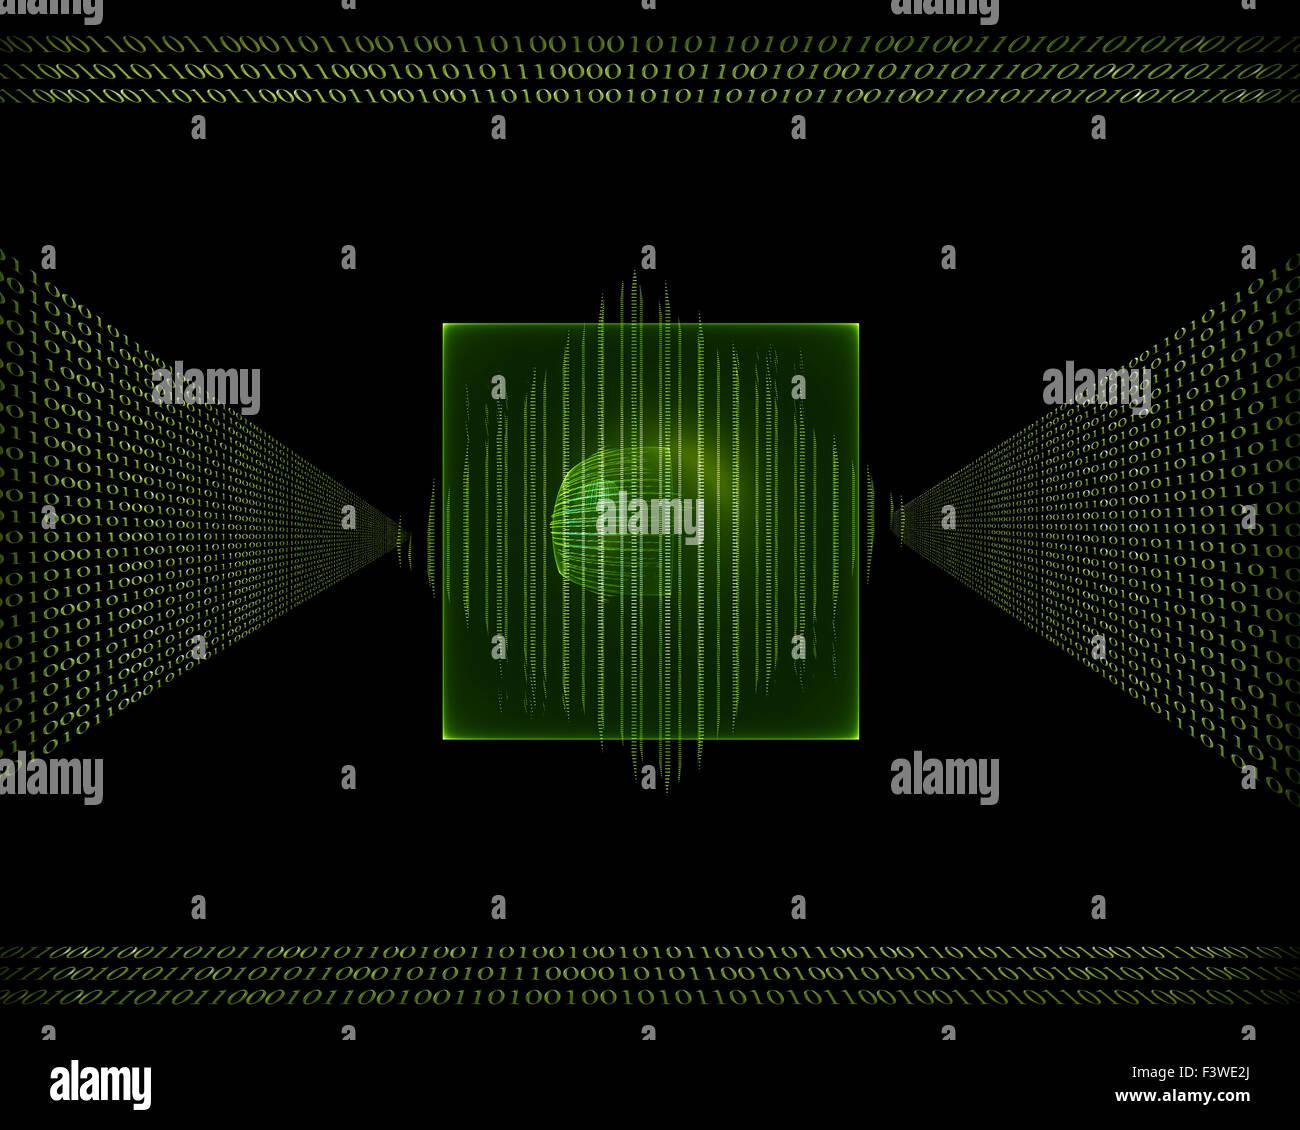 binary code data flow - Stock Image